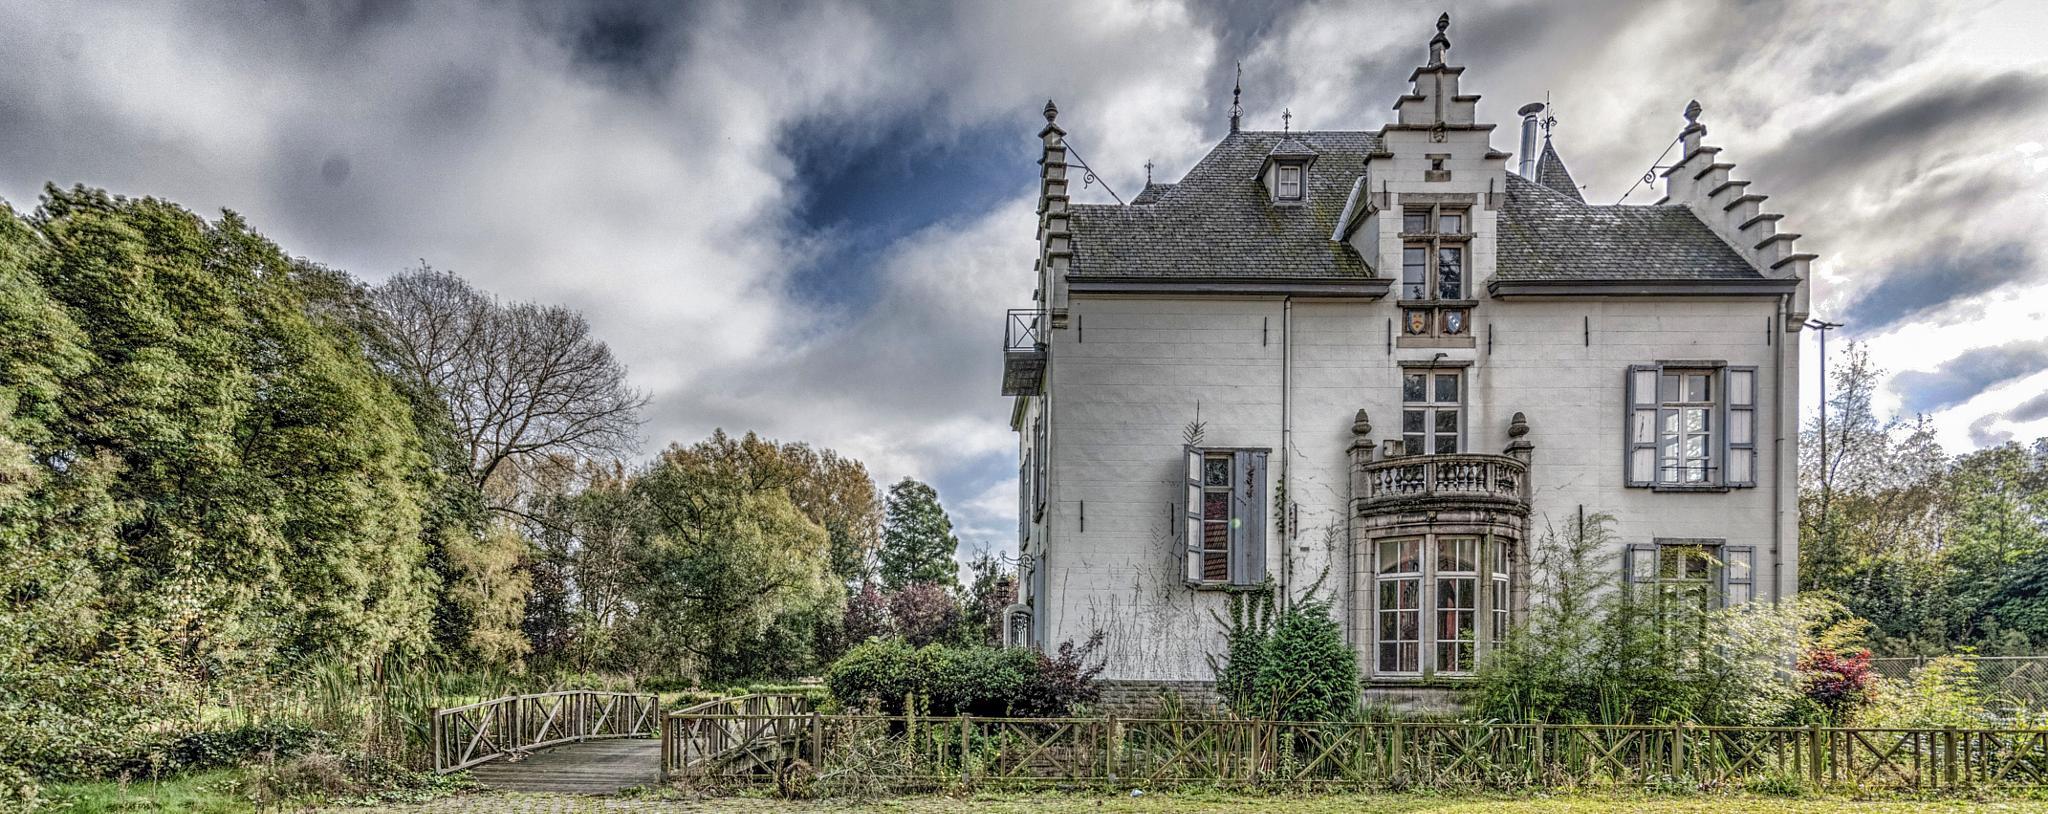 Chateau Z by Joël Arys